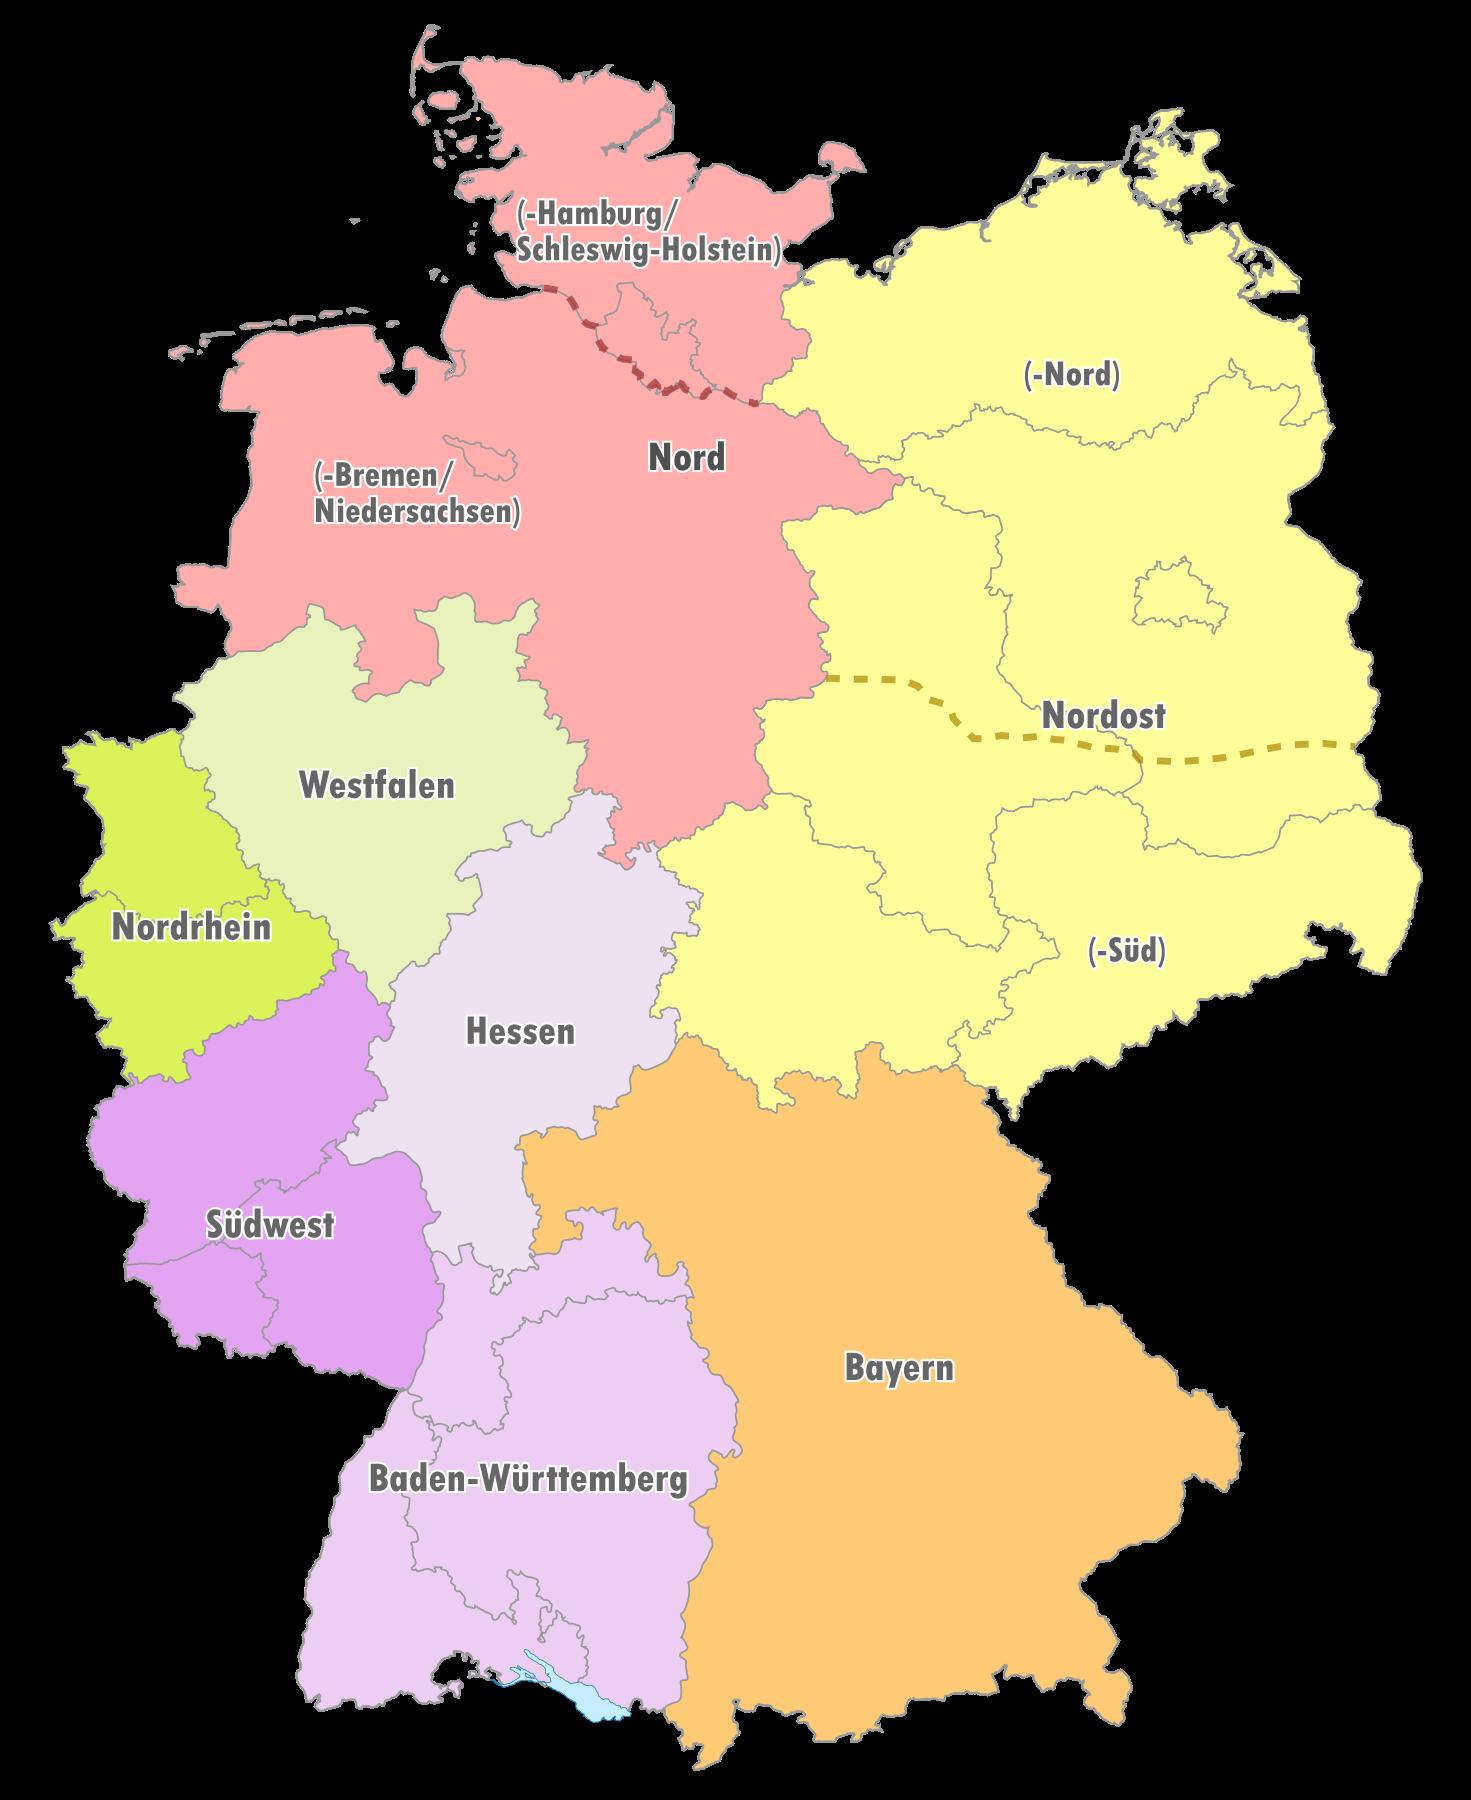 Geografische Einteilung der Oberligen zur Saison 1999/2000